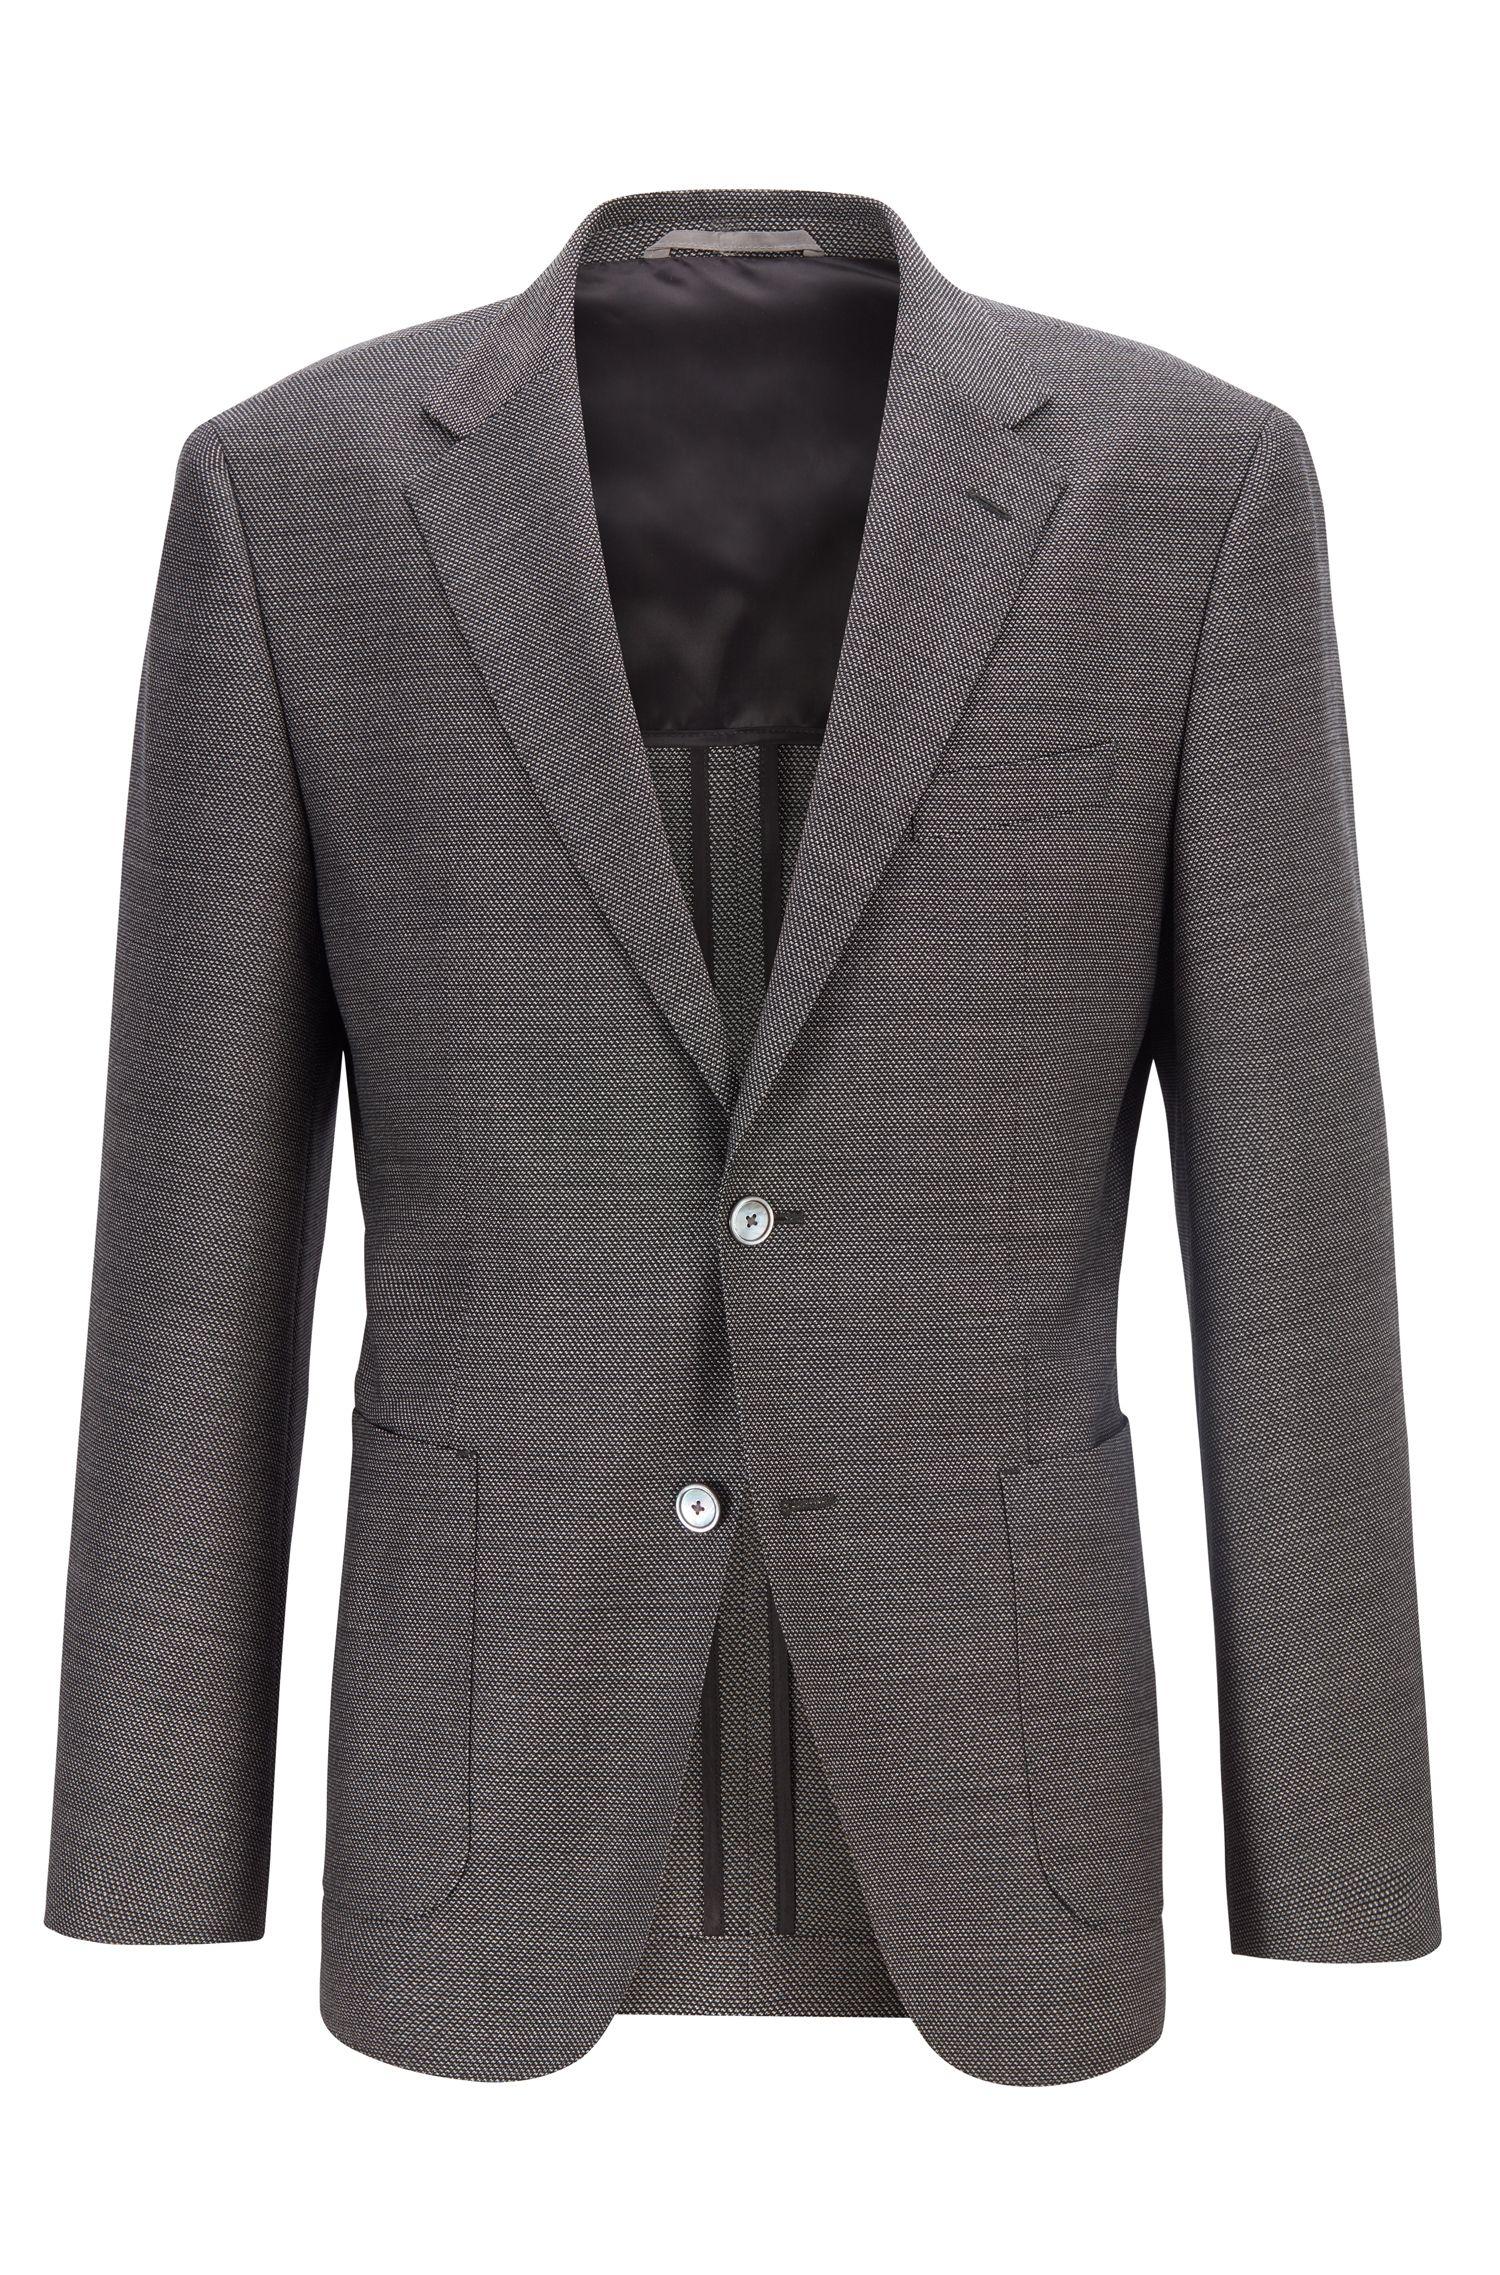 Veste Regular Fit en laine vierge à micromotif, Gris chiné